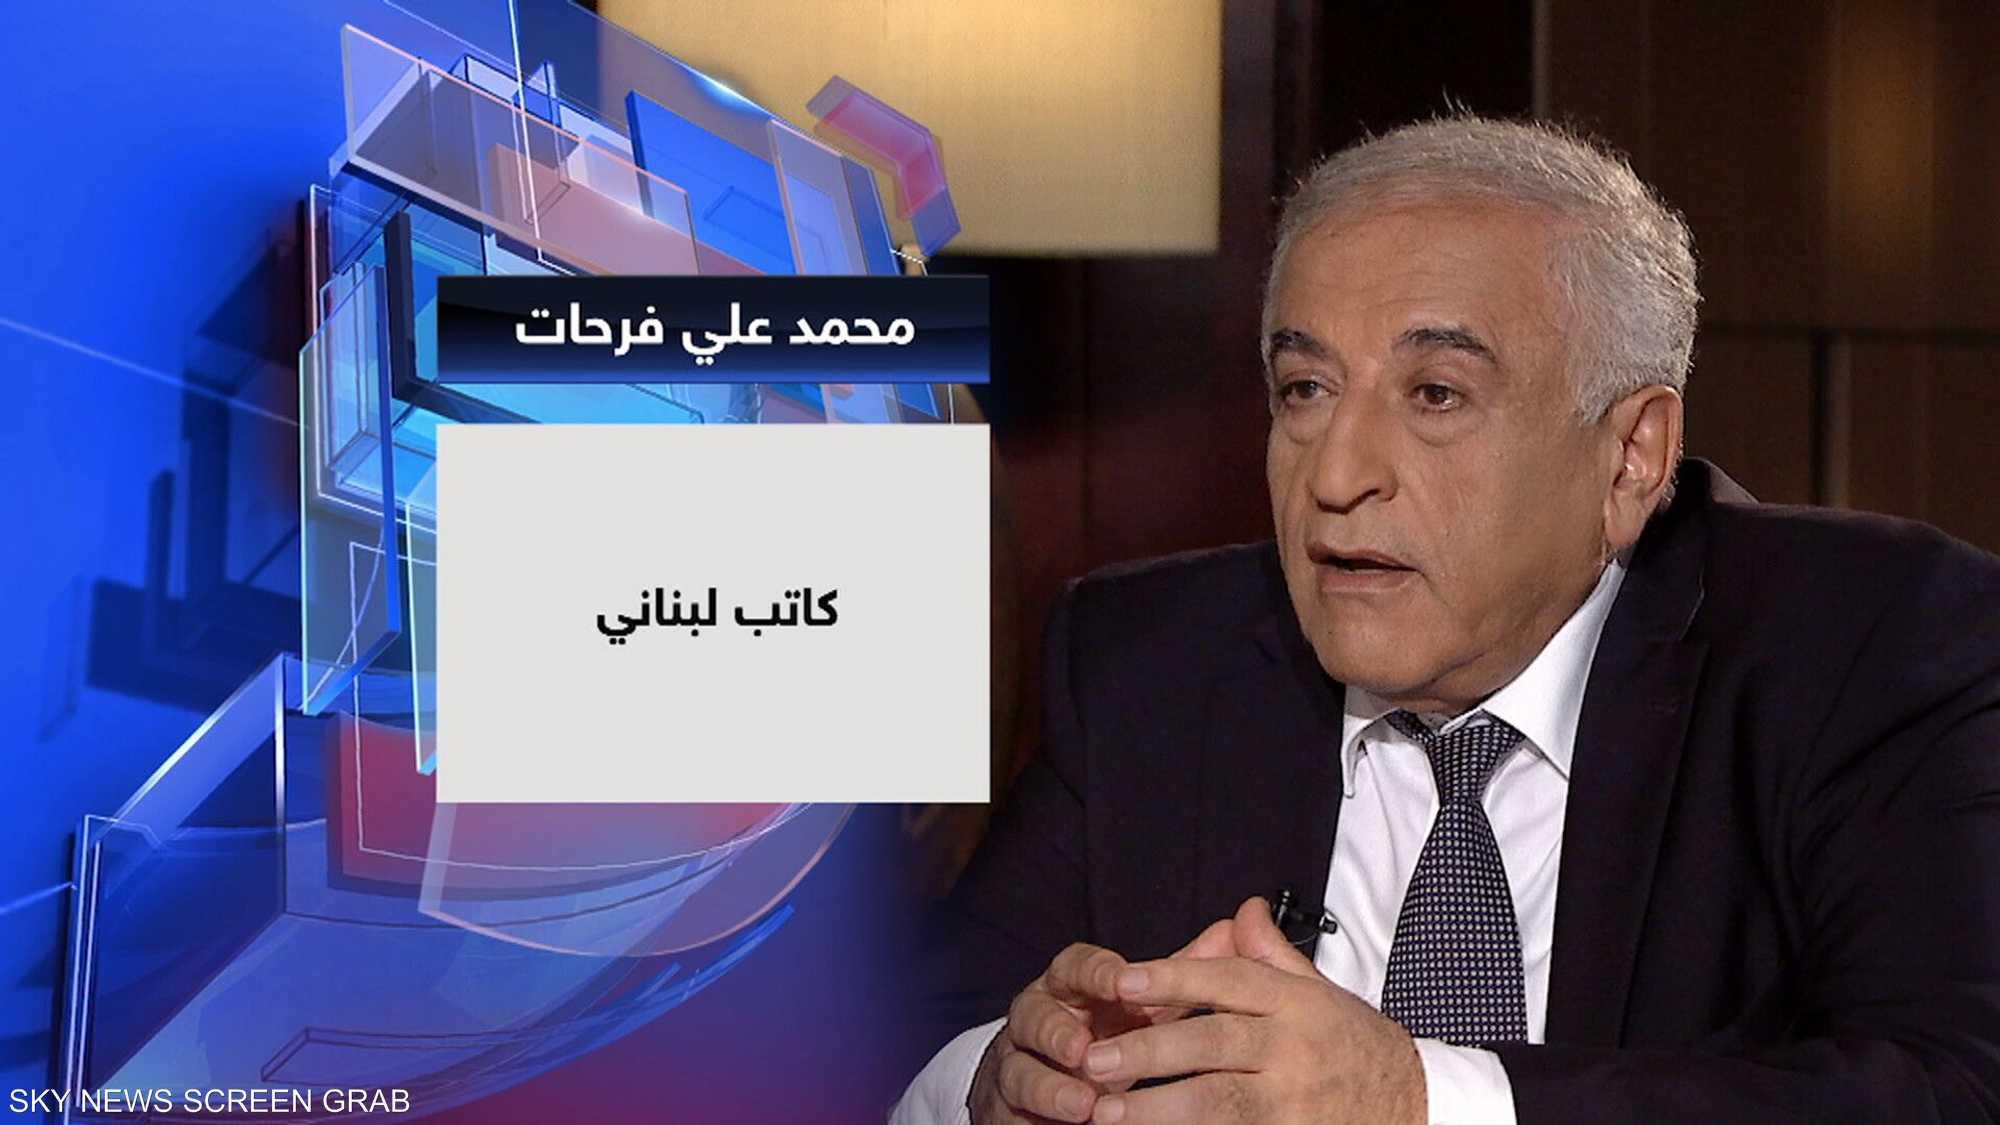 الكاتب اللبناني محمد فرحات في حديث العرب